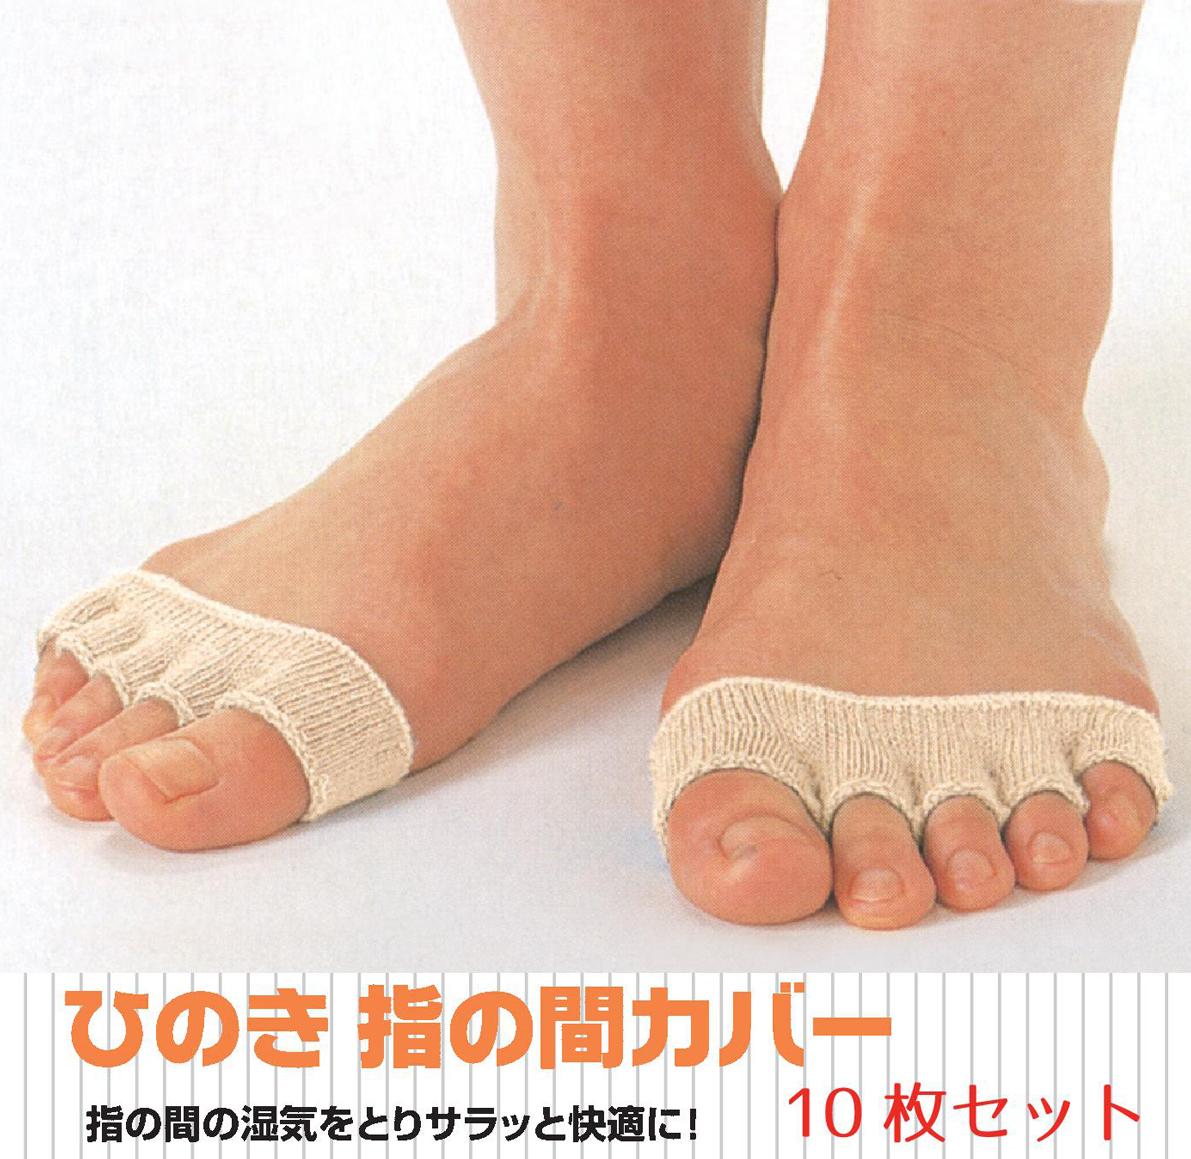 指の間の湿気をとりサラッと快適に ひのき指の間カバー オリジナル 10枚セット 激安超特価 足の健康 インナーソックス 天然素材